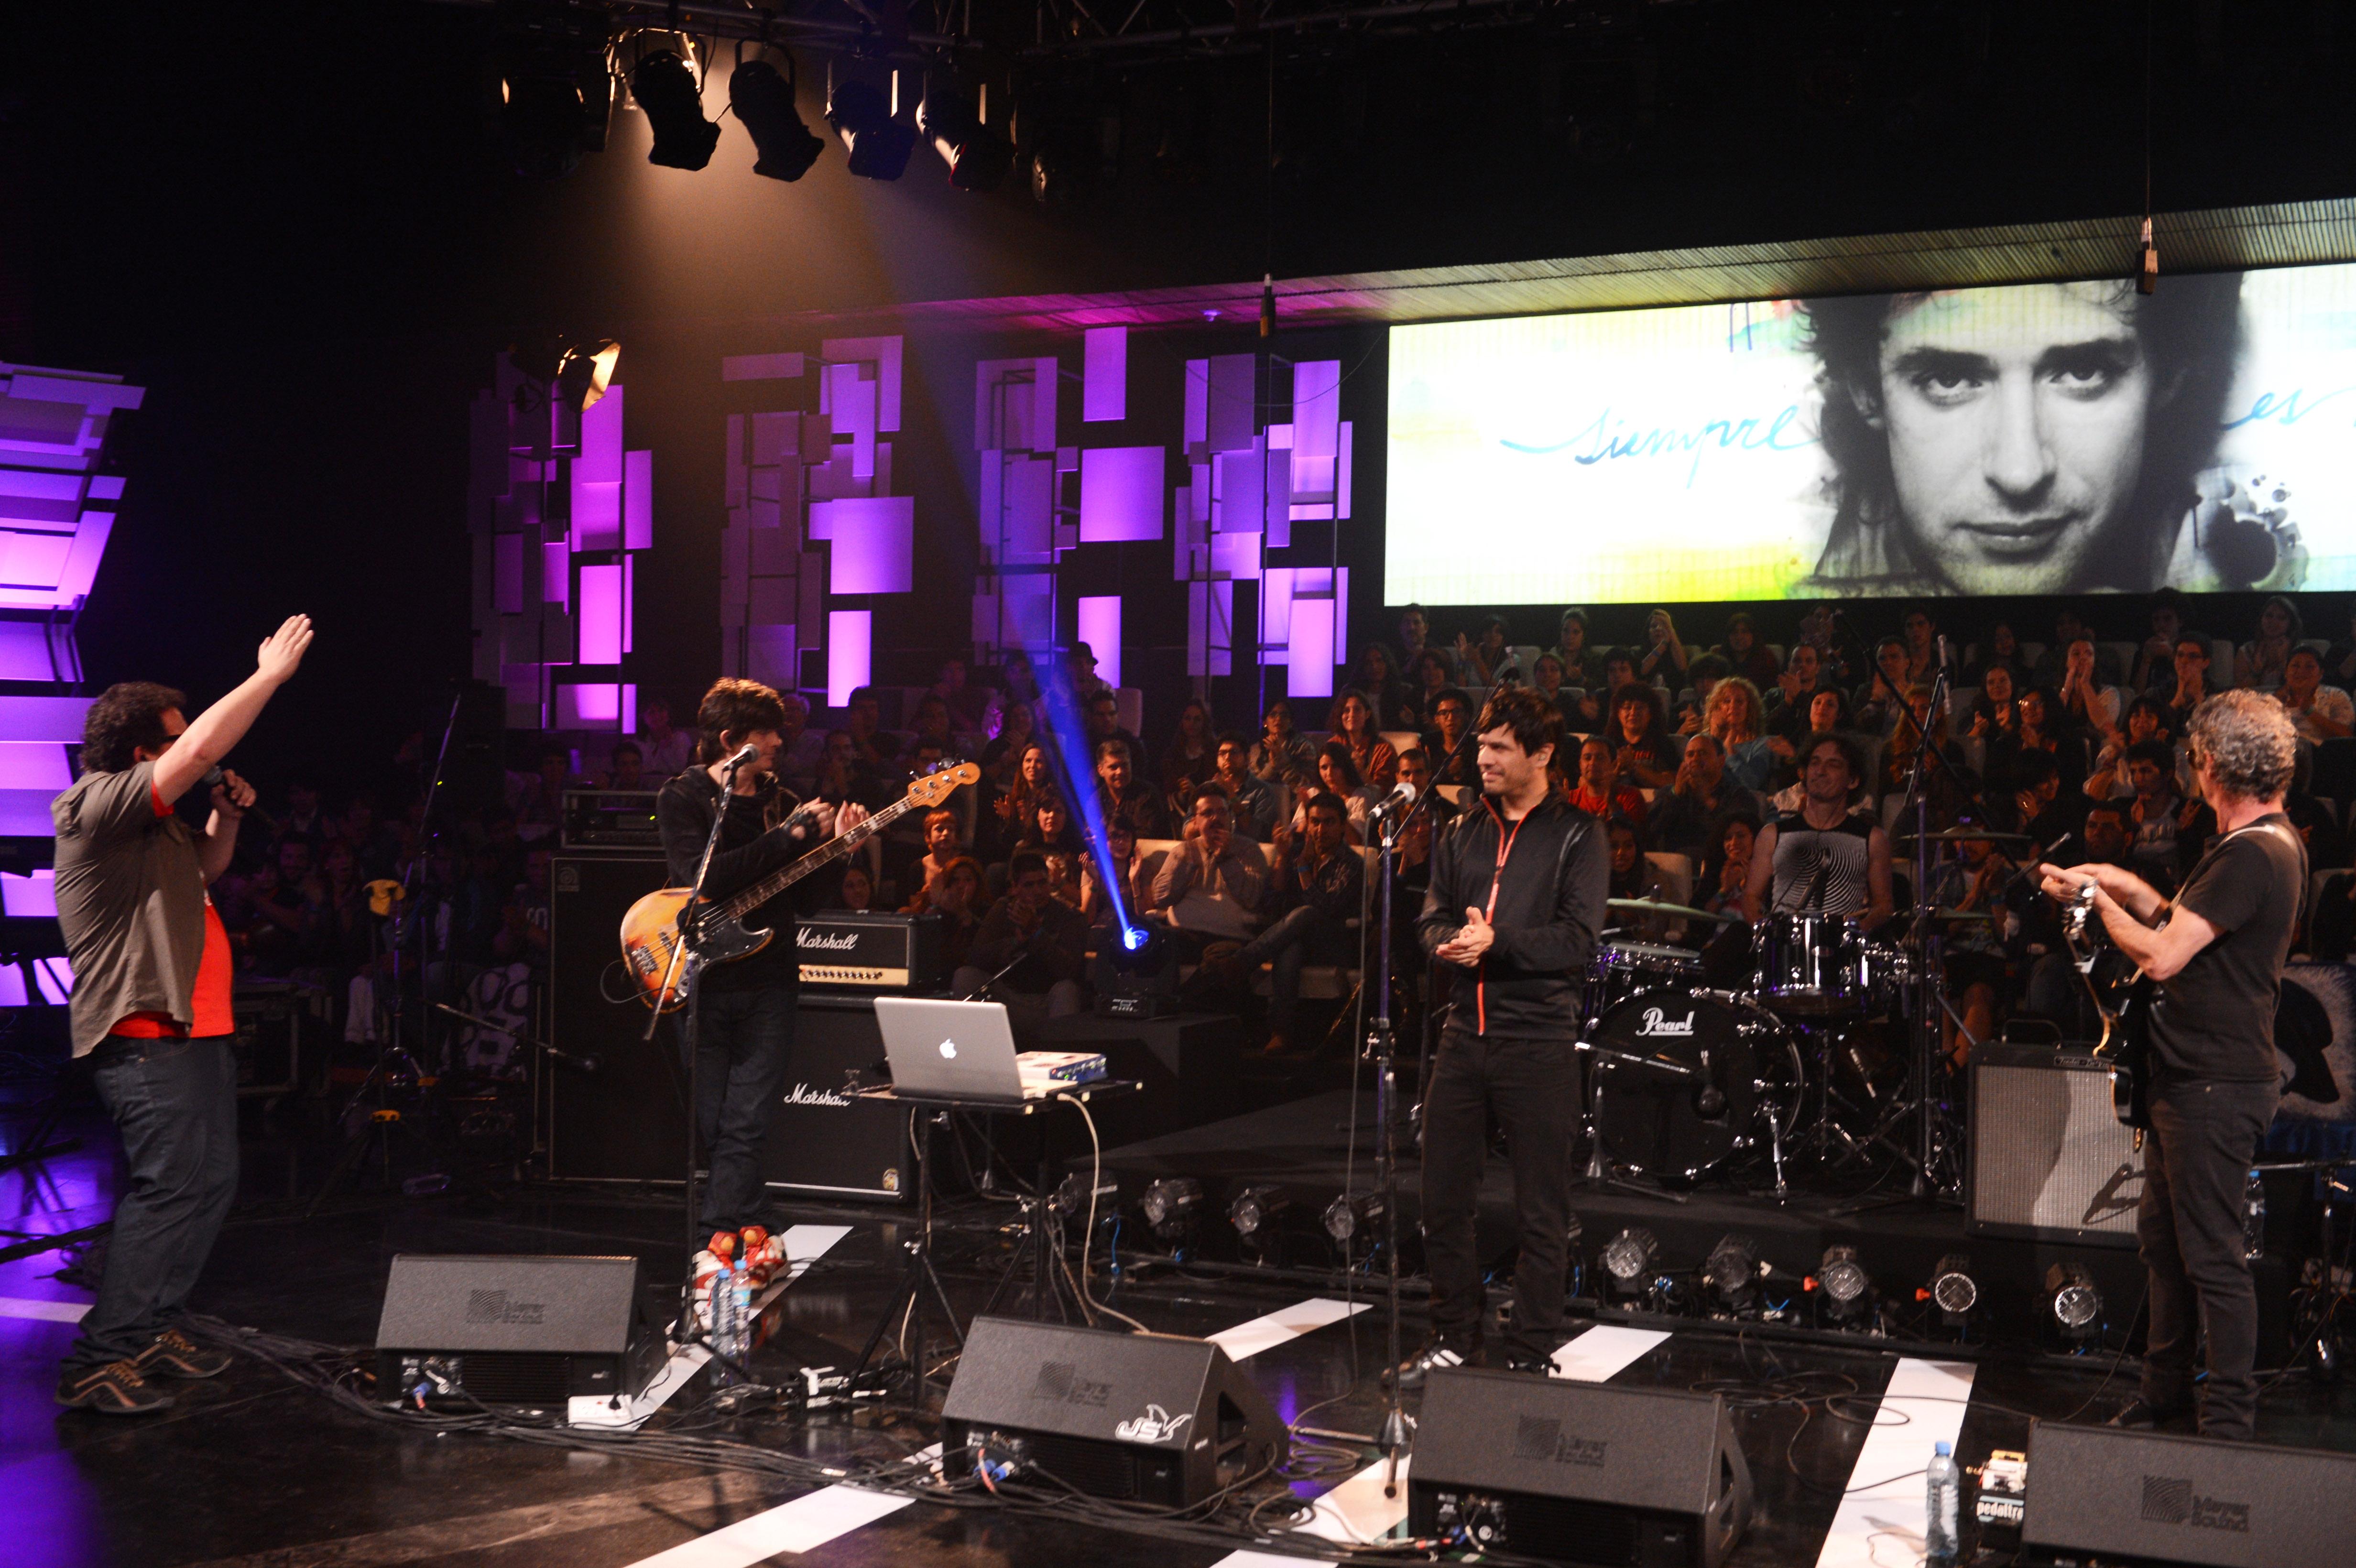 Concierto en homenaje a Cerati realizado por la TV Pública, donde participaron Charly García, Fito Páez, Benito Cerati, entre otros.